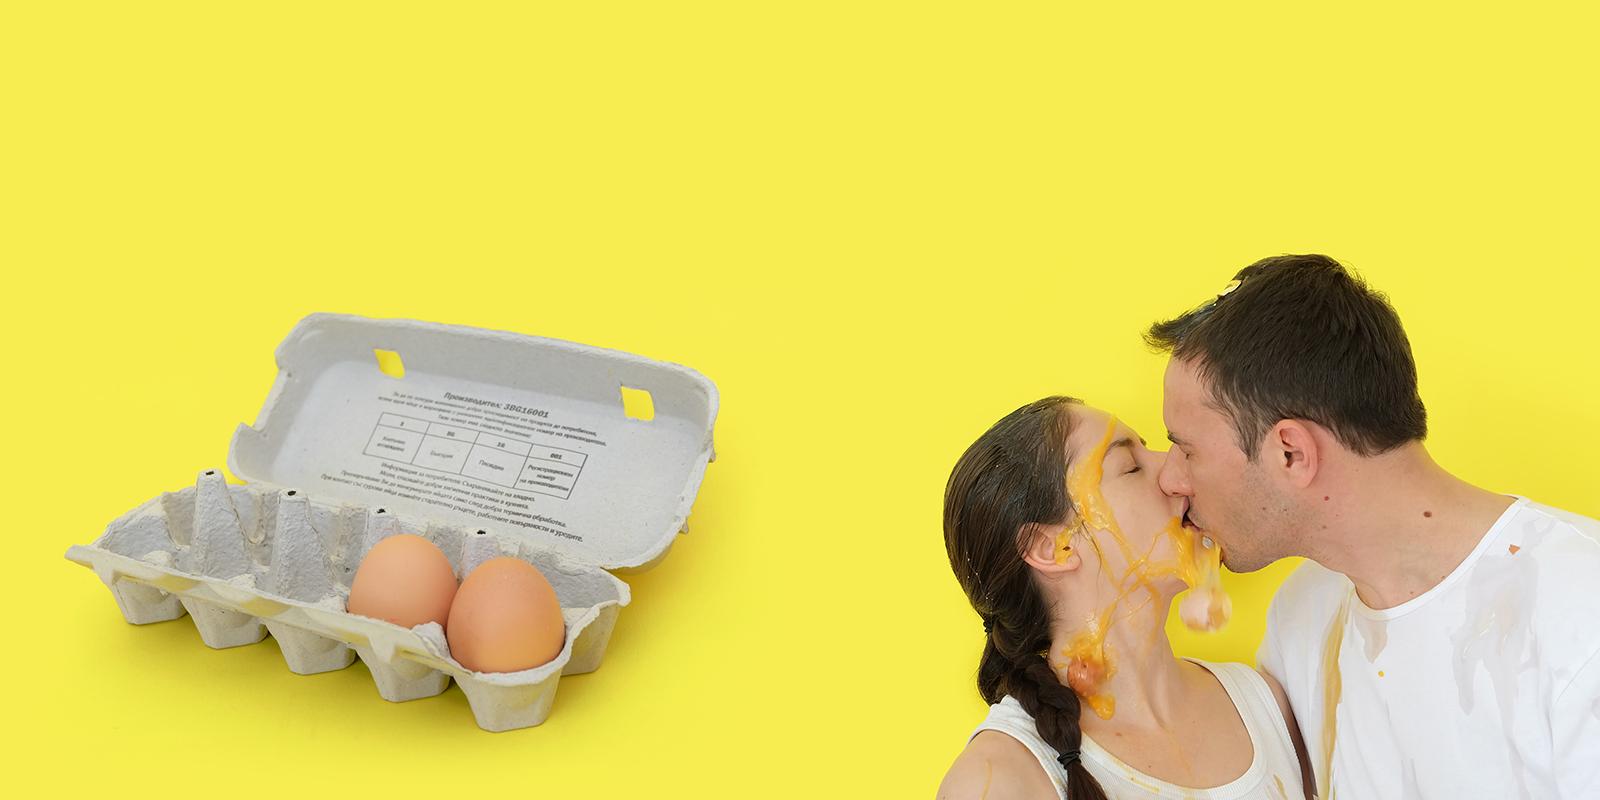 colorbones_eggs_kalina_ivan.png